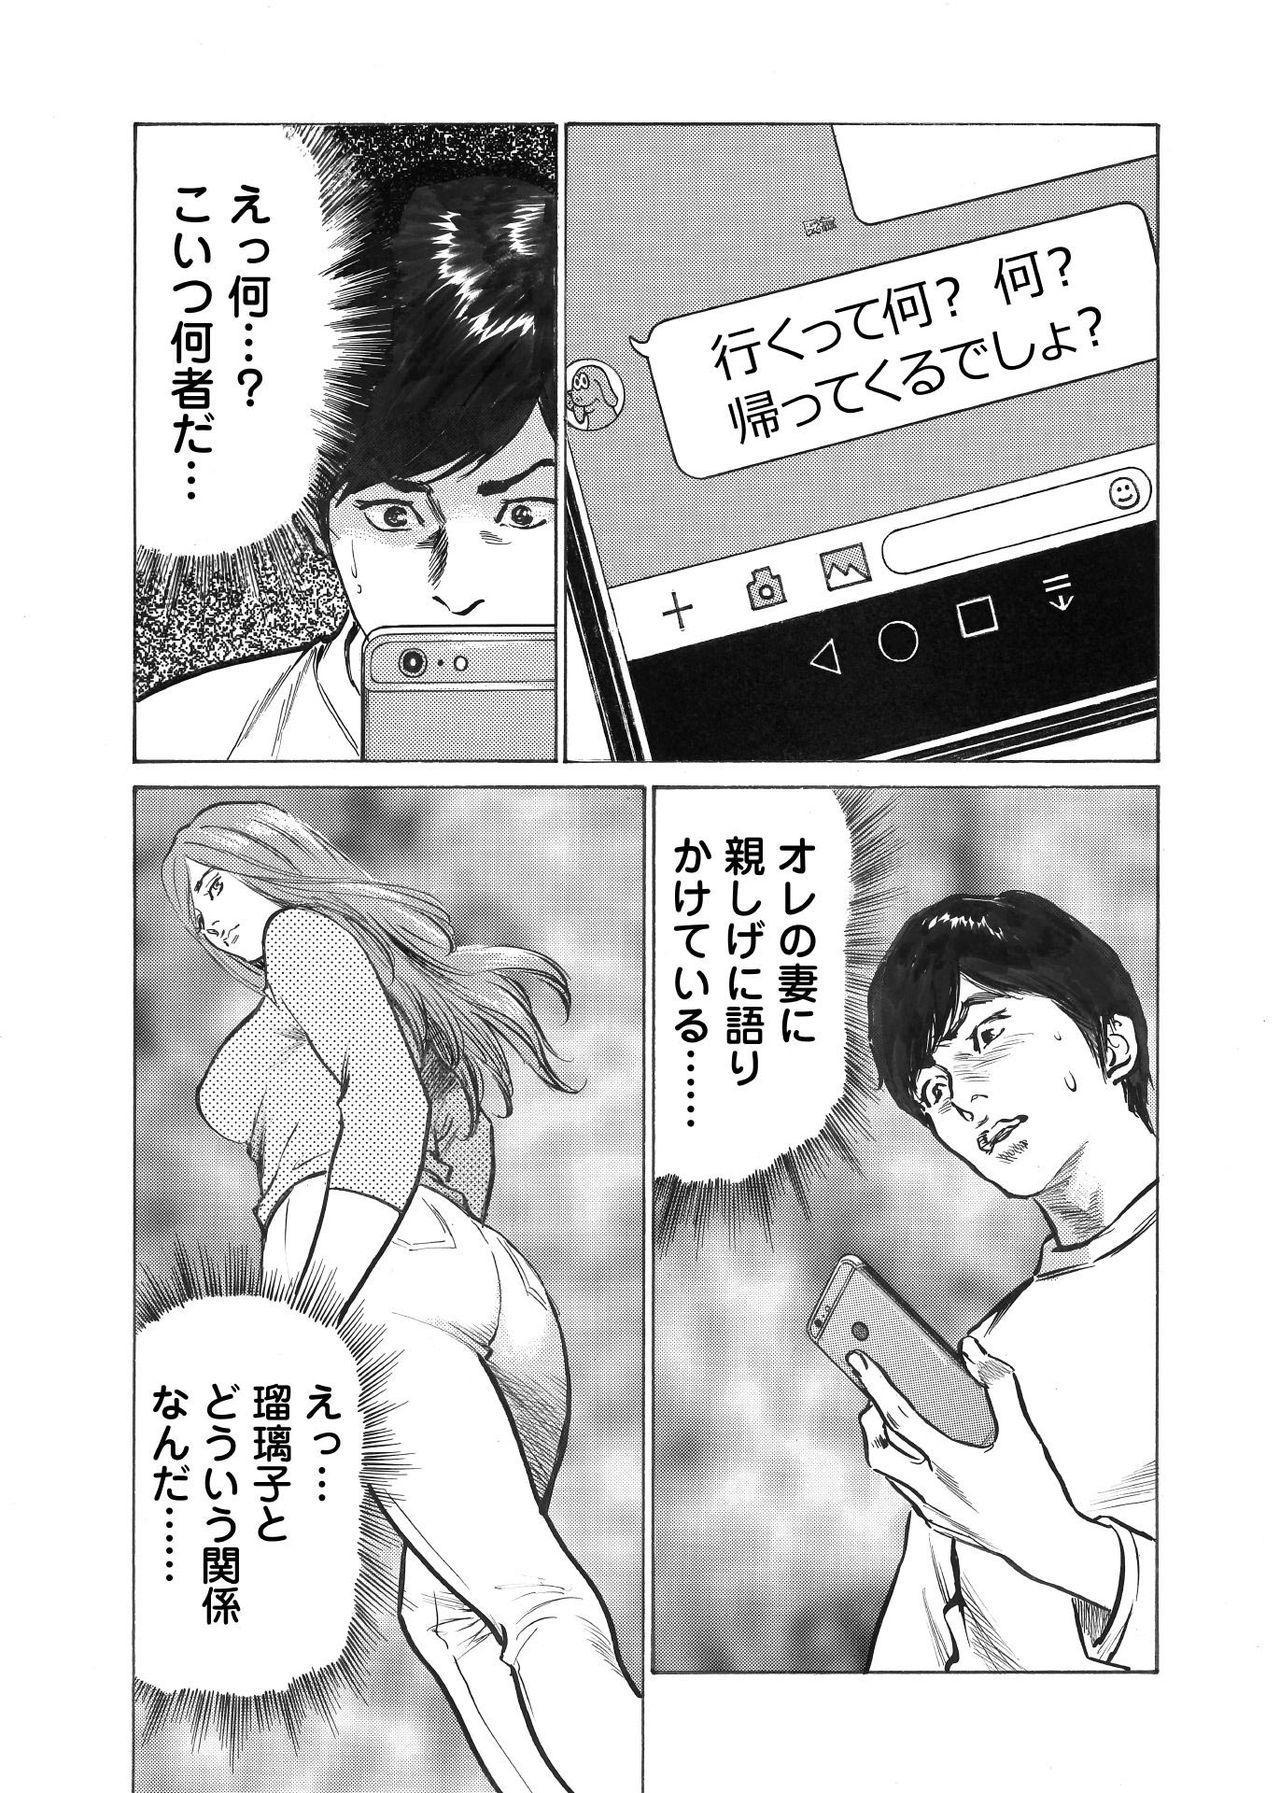 Ore wa Tsuma no Koto o Yoku Shiranai 1-9 29